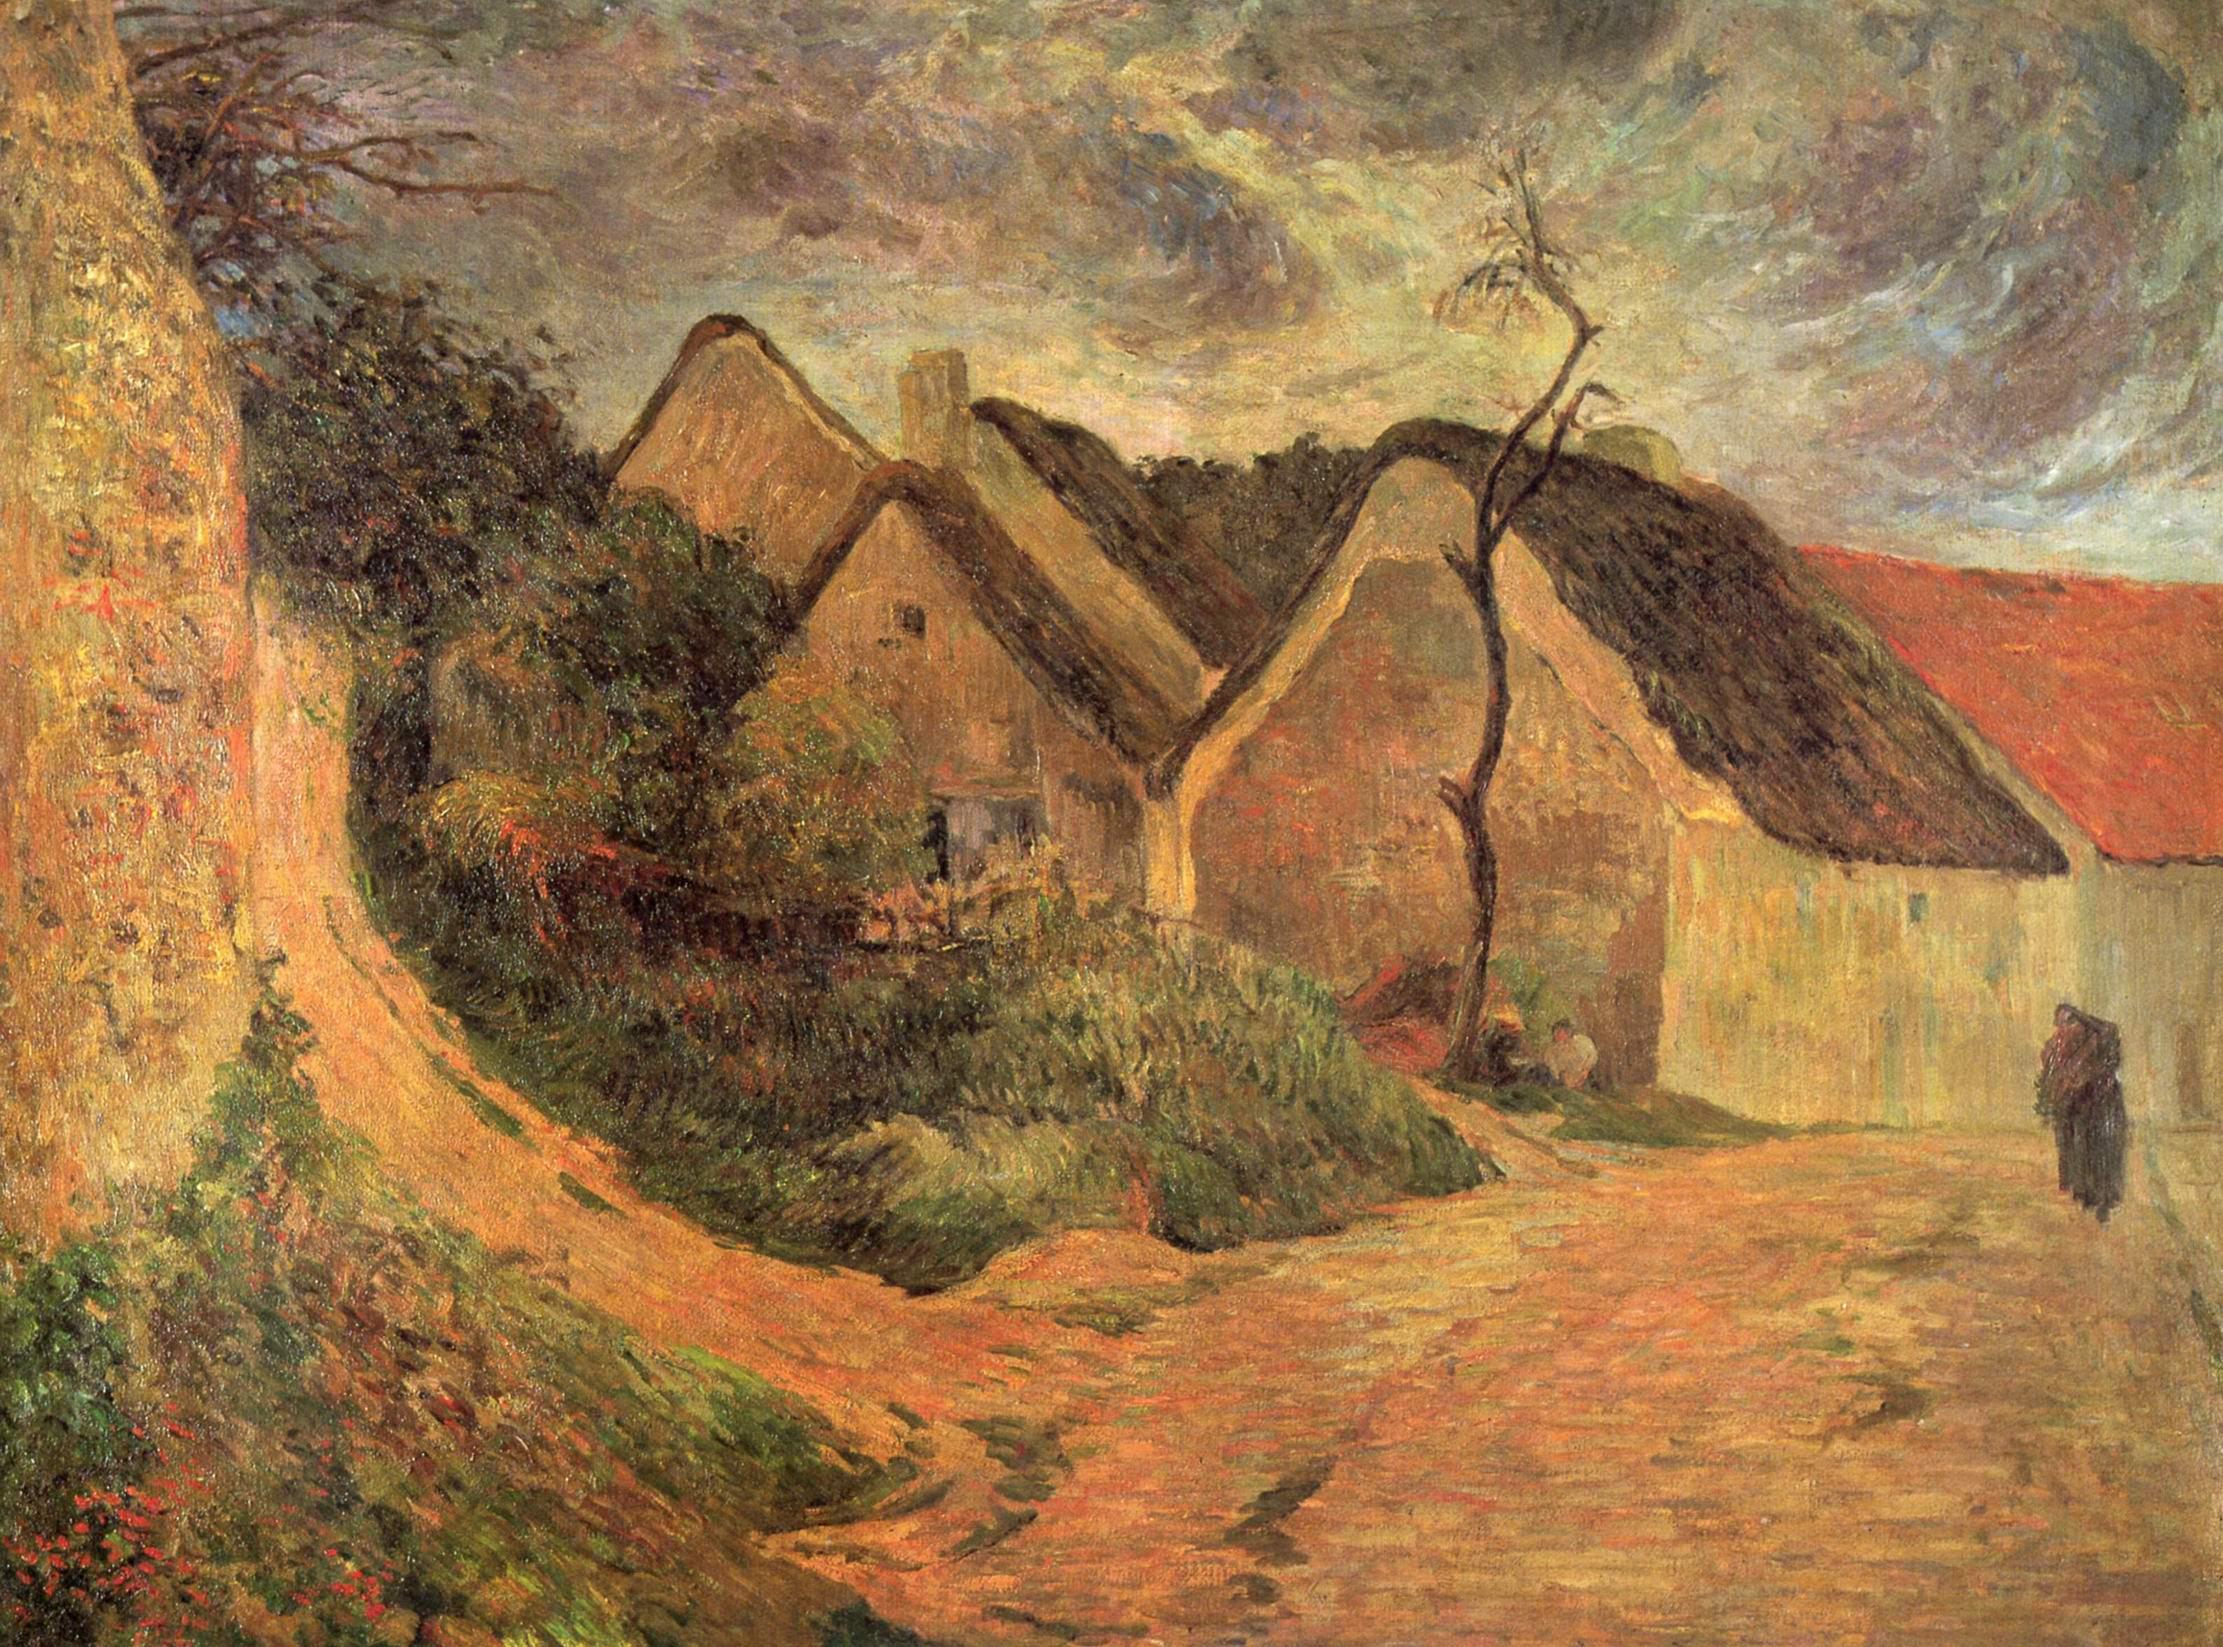 пейзаж < Крутая дорога в Осни >  :: Поль Гоген [ живопись постимпрессионизм ] - Paul Gauguin фото